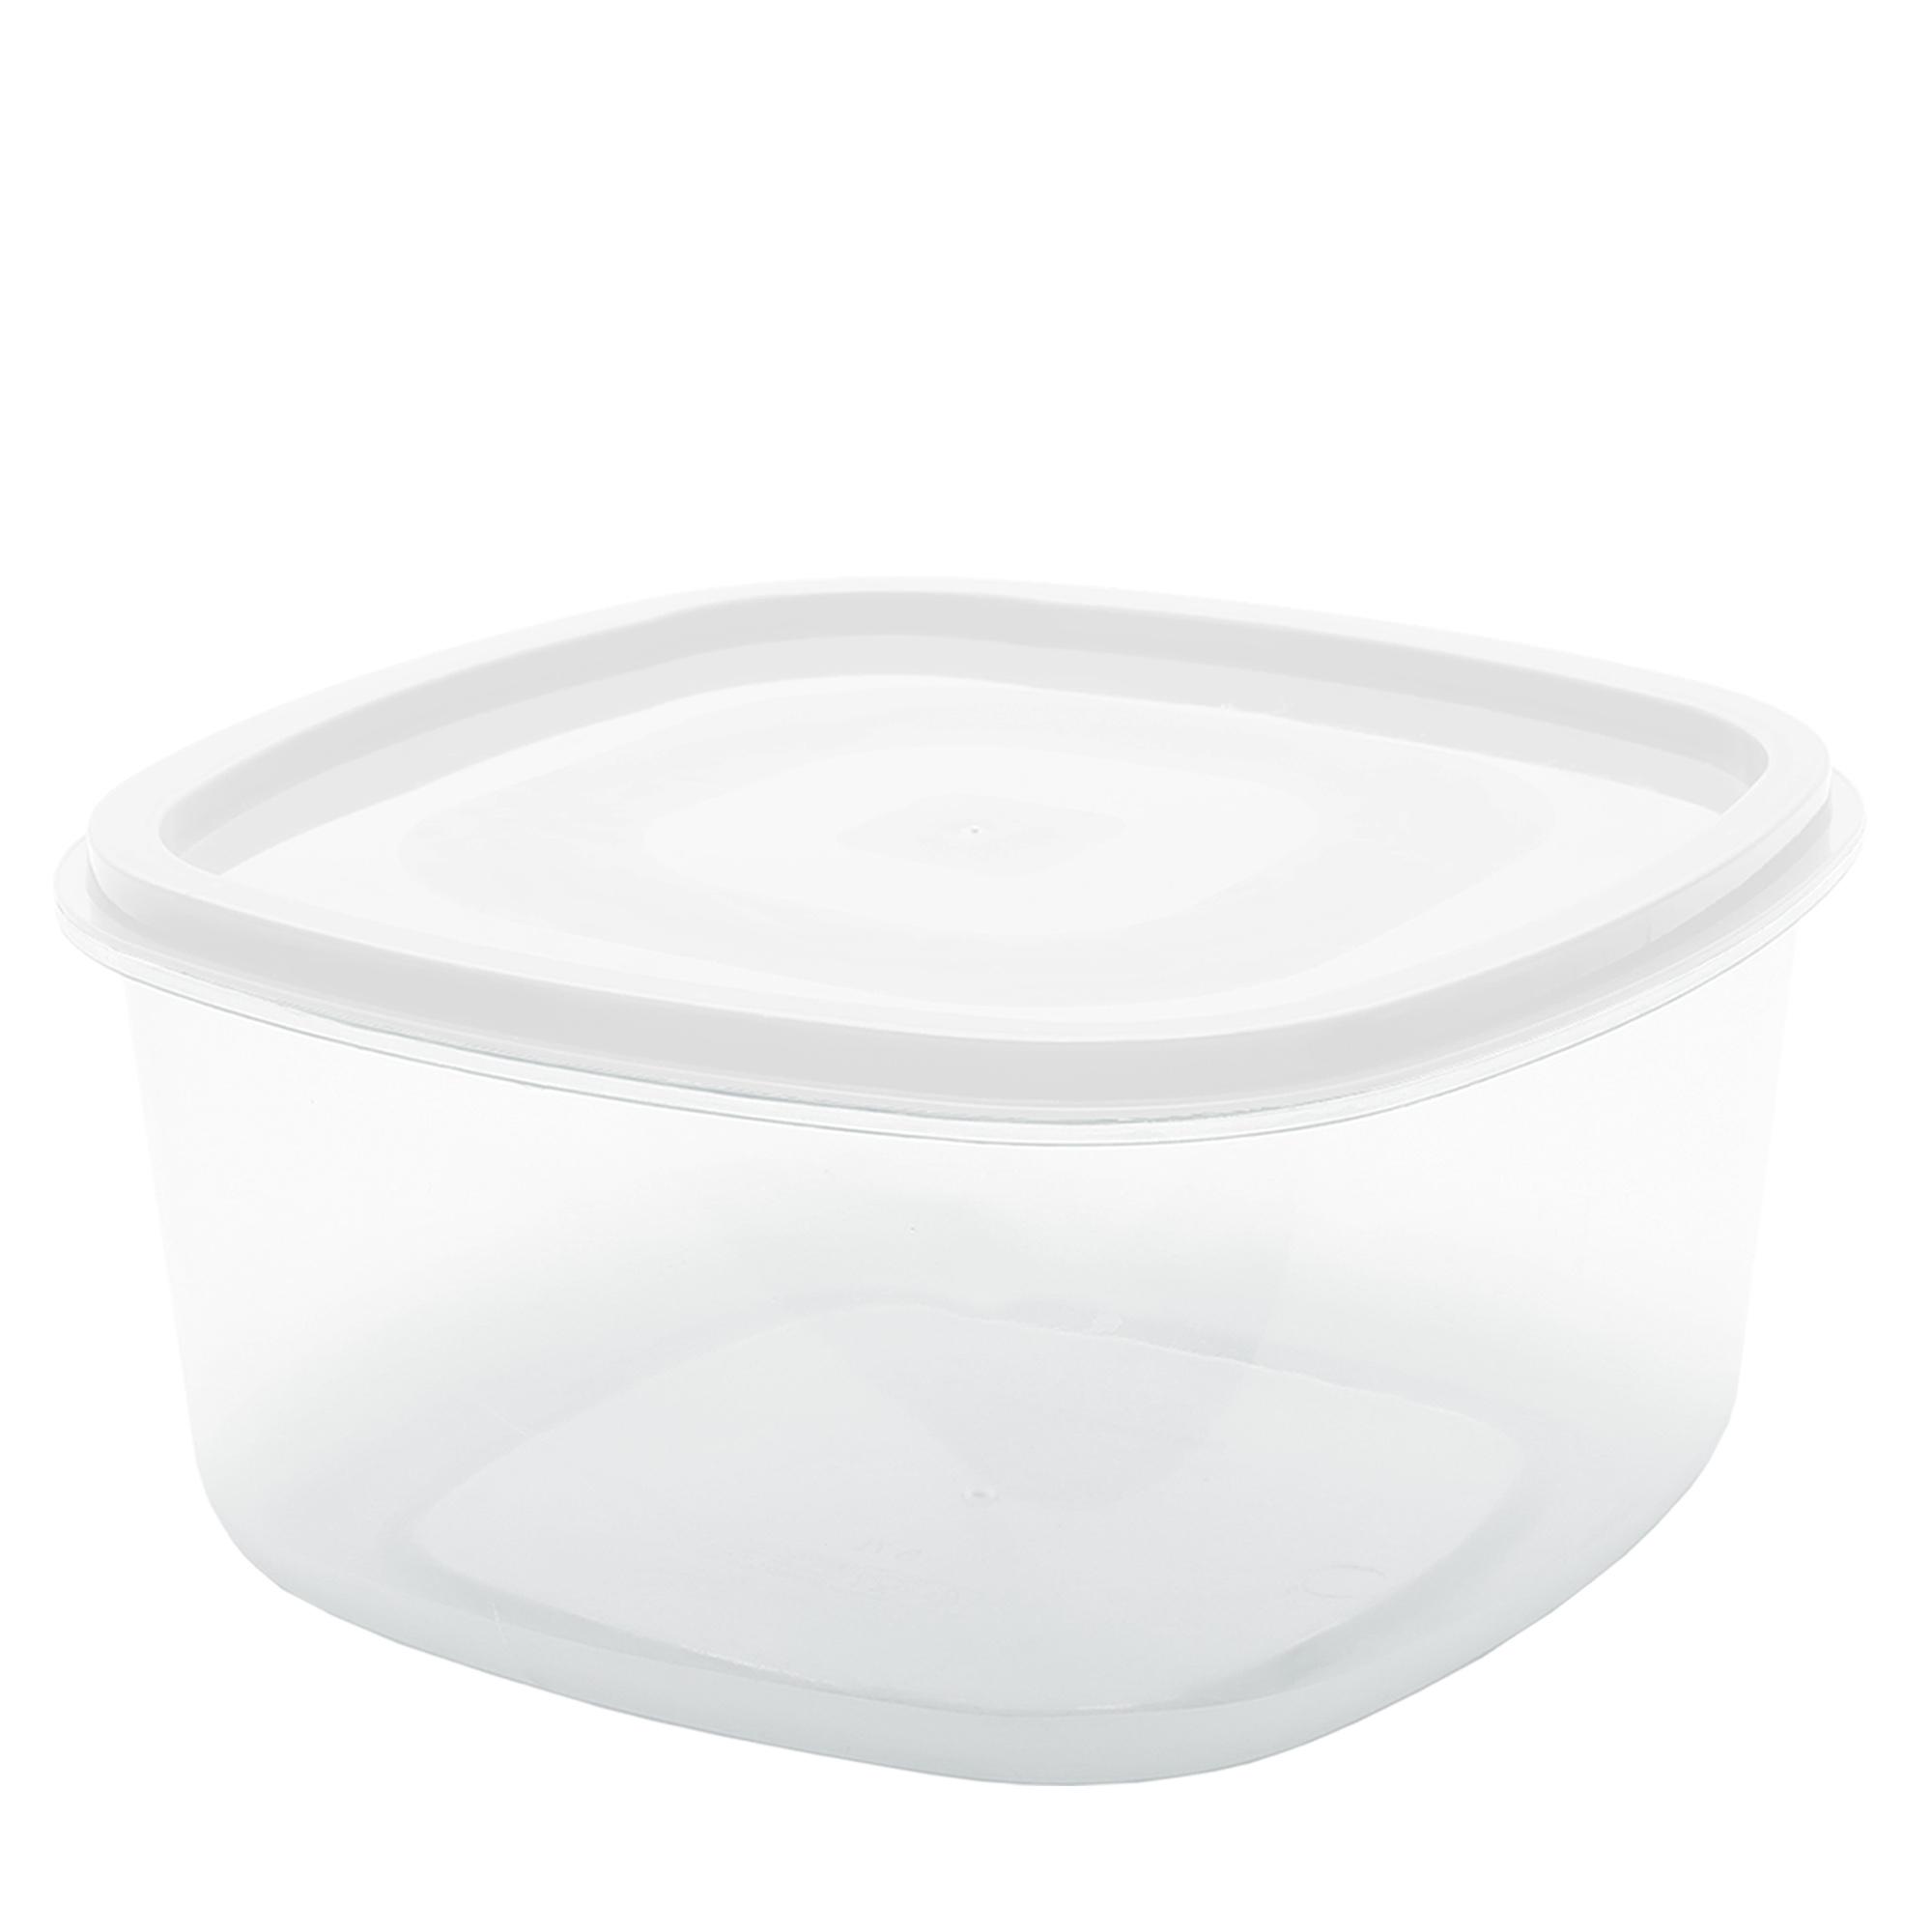 Pote Quadrado Liso 3.3 L - Branco